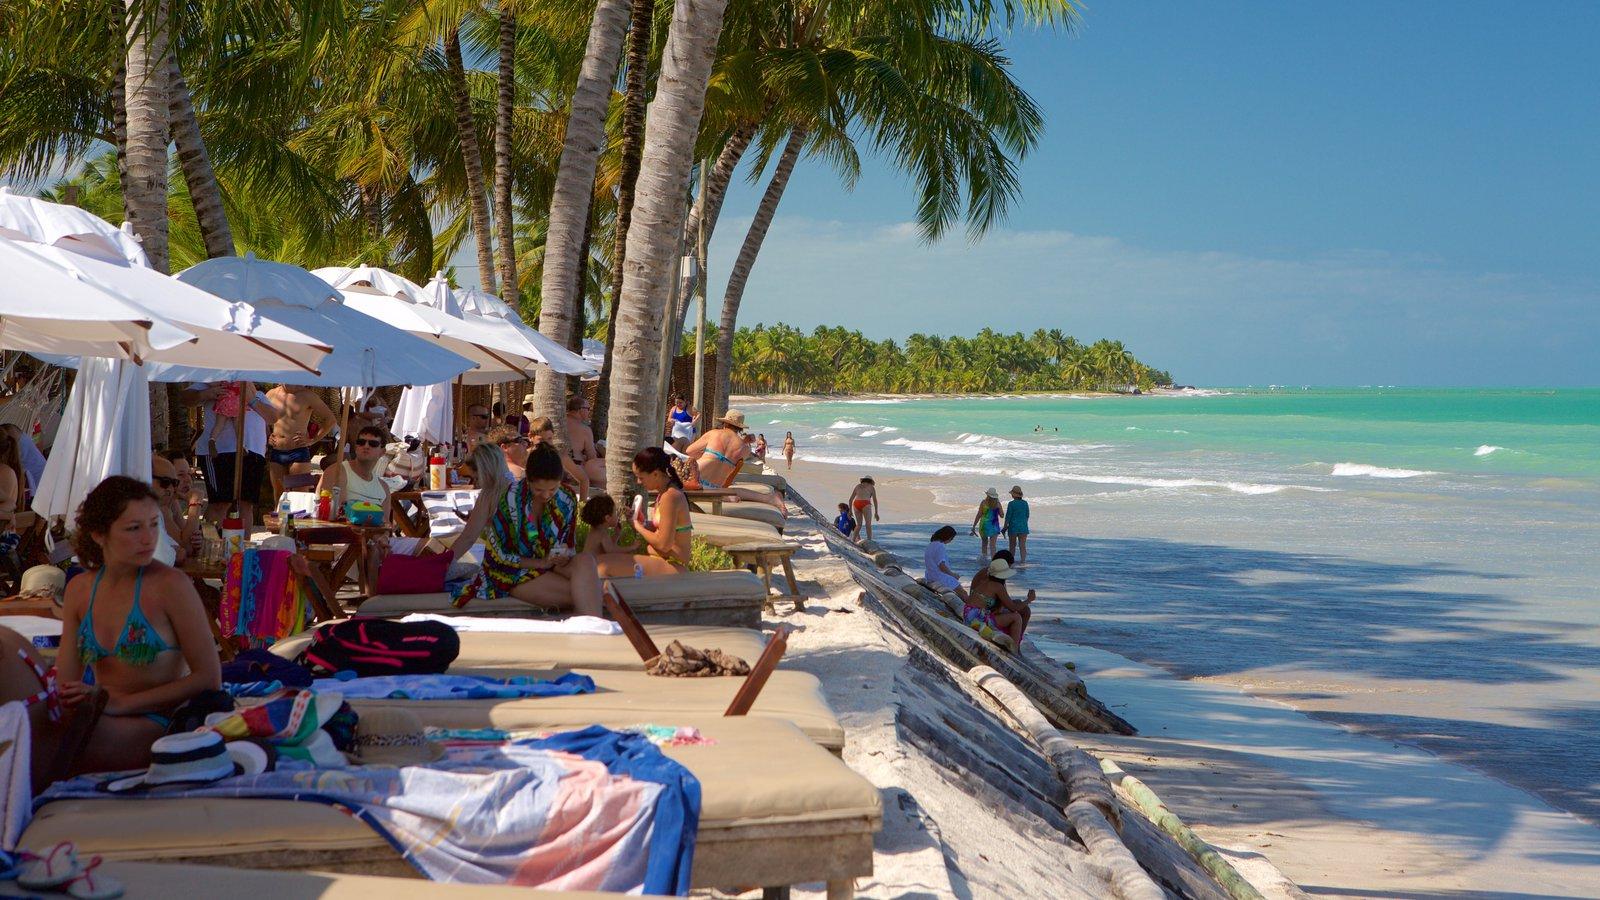 Praia de Ipioca mostrando paisagens litorâneas, um hotel de luxo ou resort e uma praia